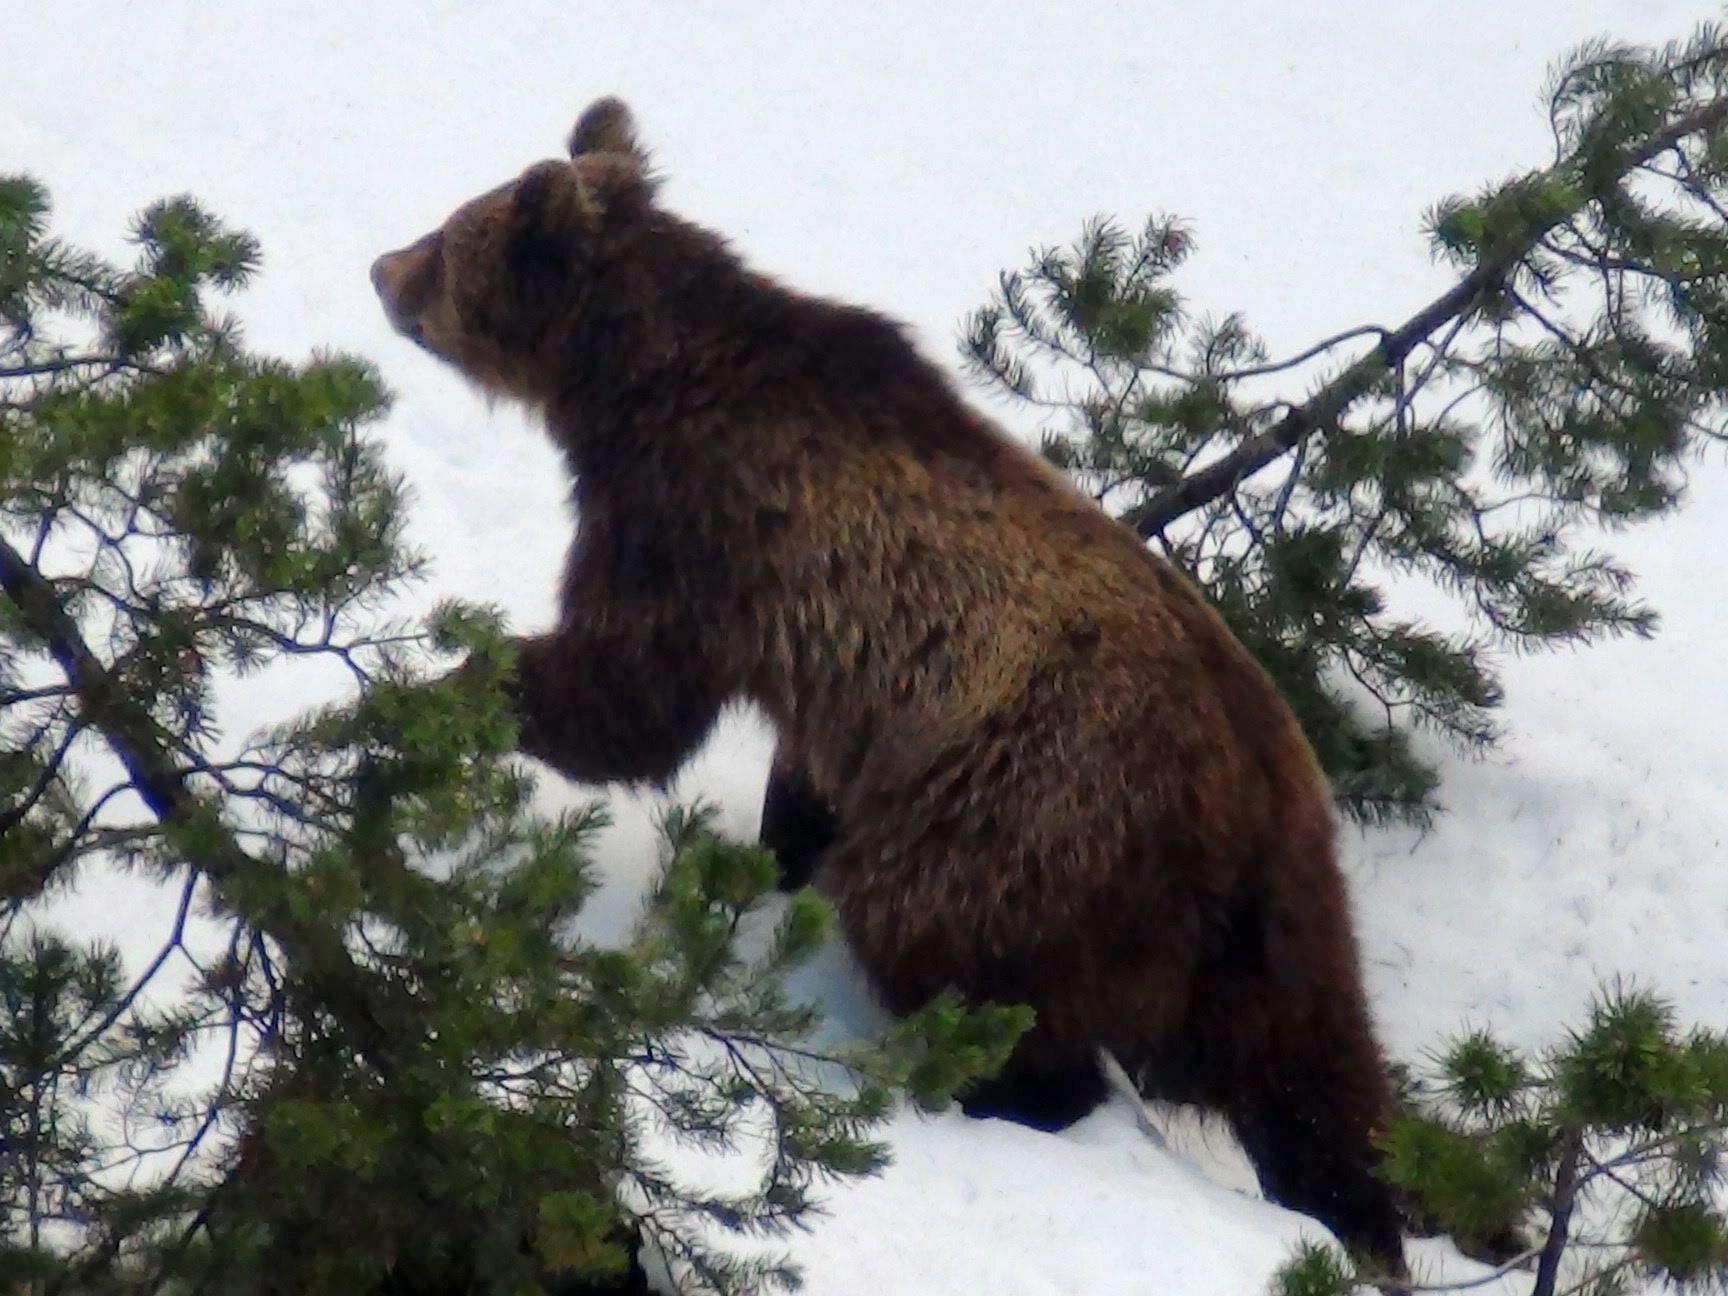 Polizei suchte Bär und fand halbnackte Leiche